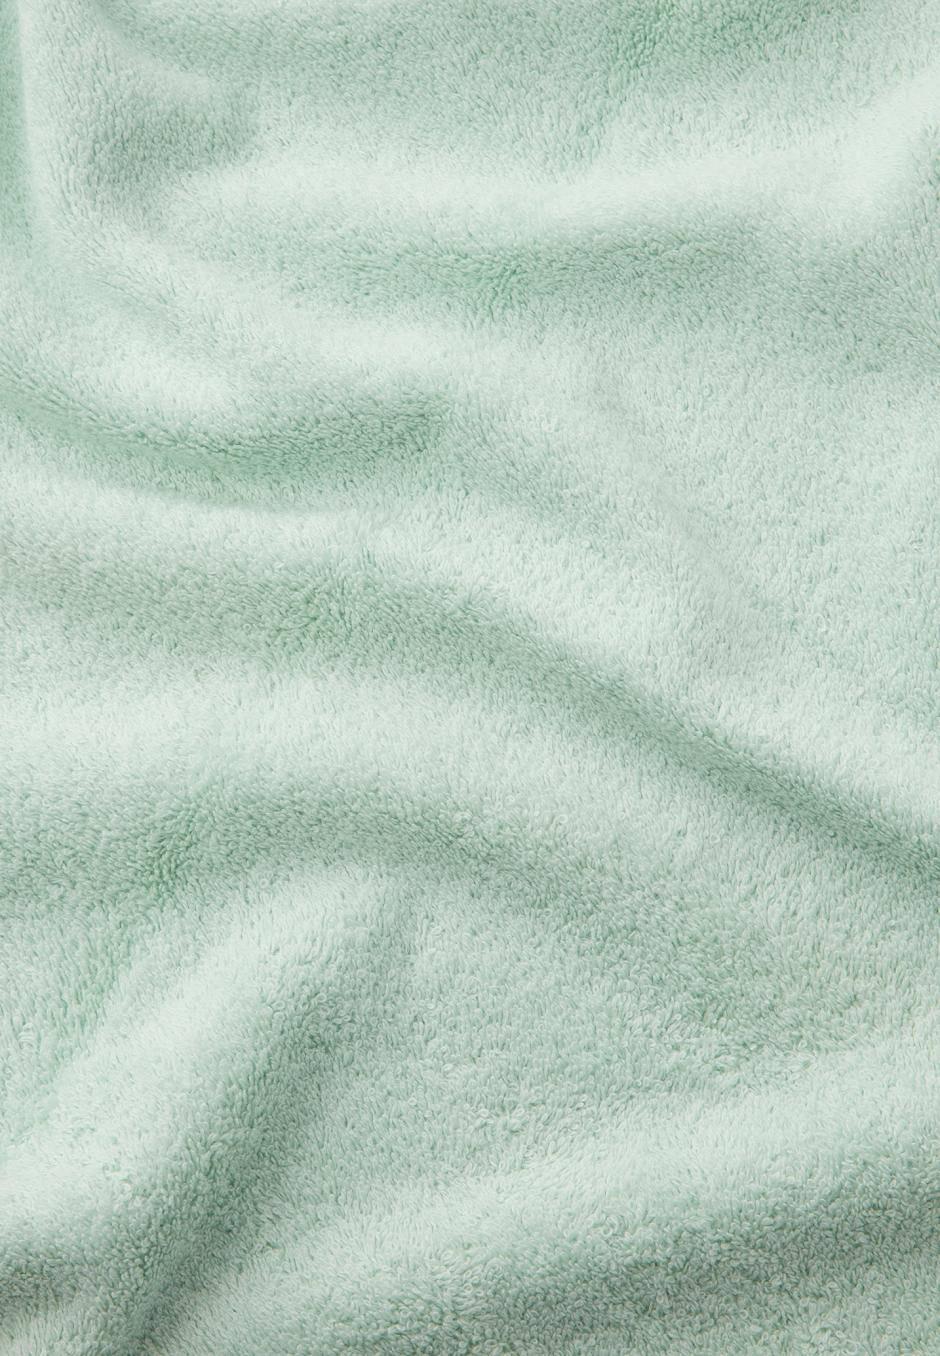 Tekla Terry towel 50x80